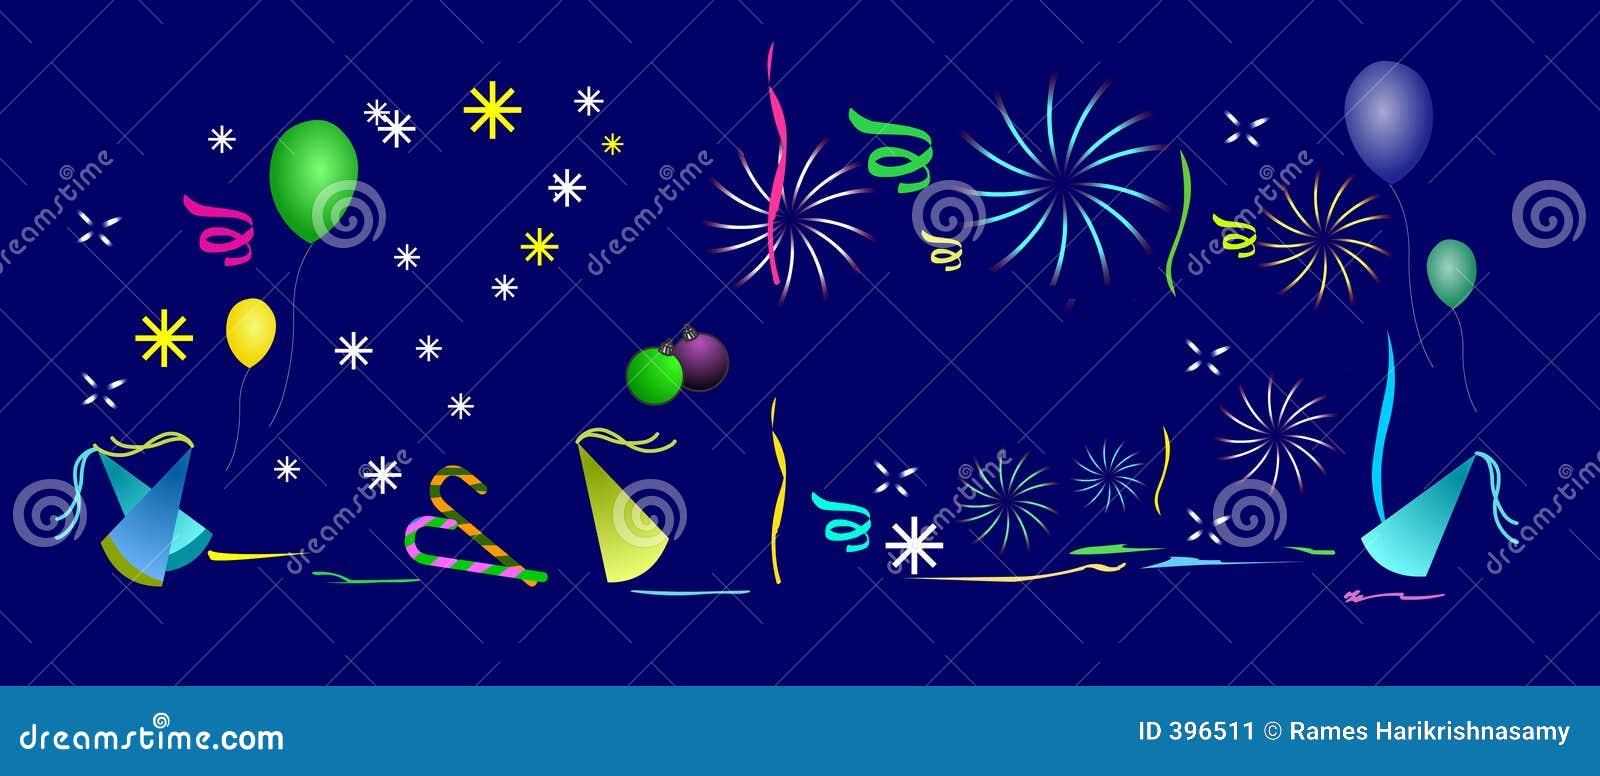 Celebration Background. Stock Image - Image: 396511